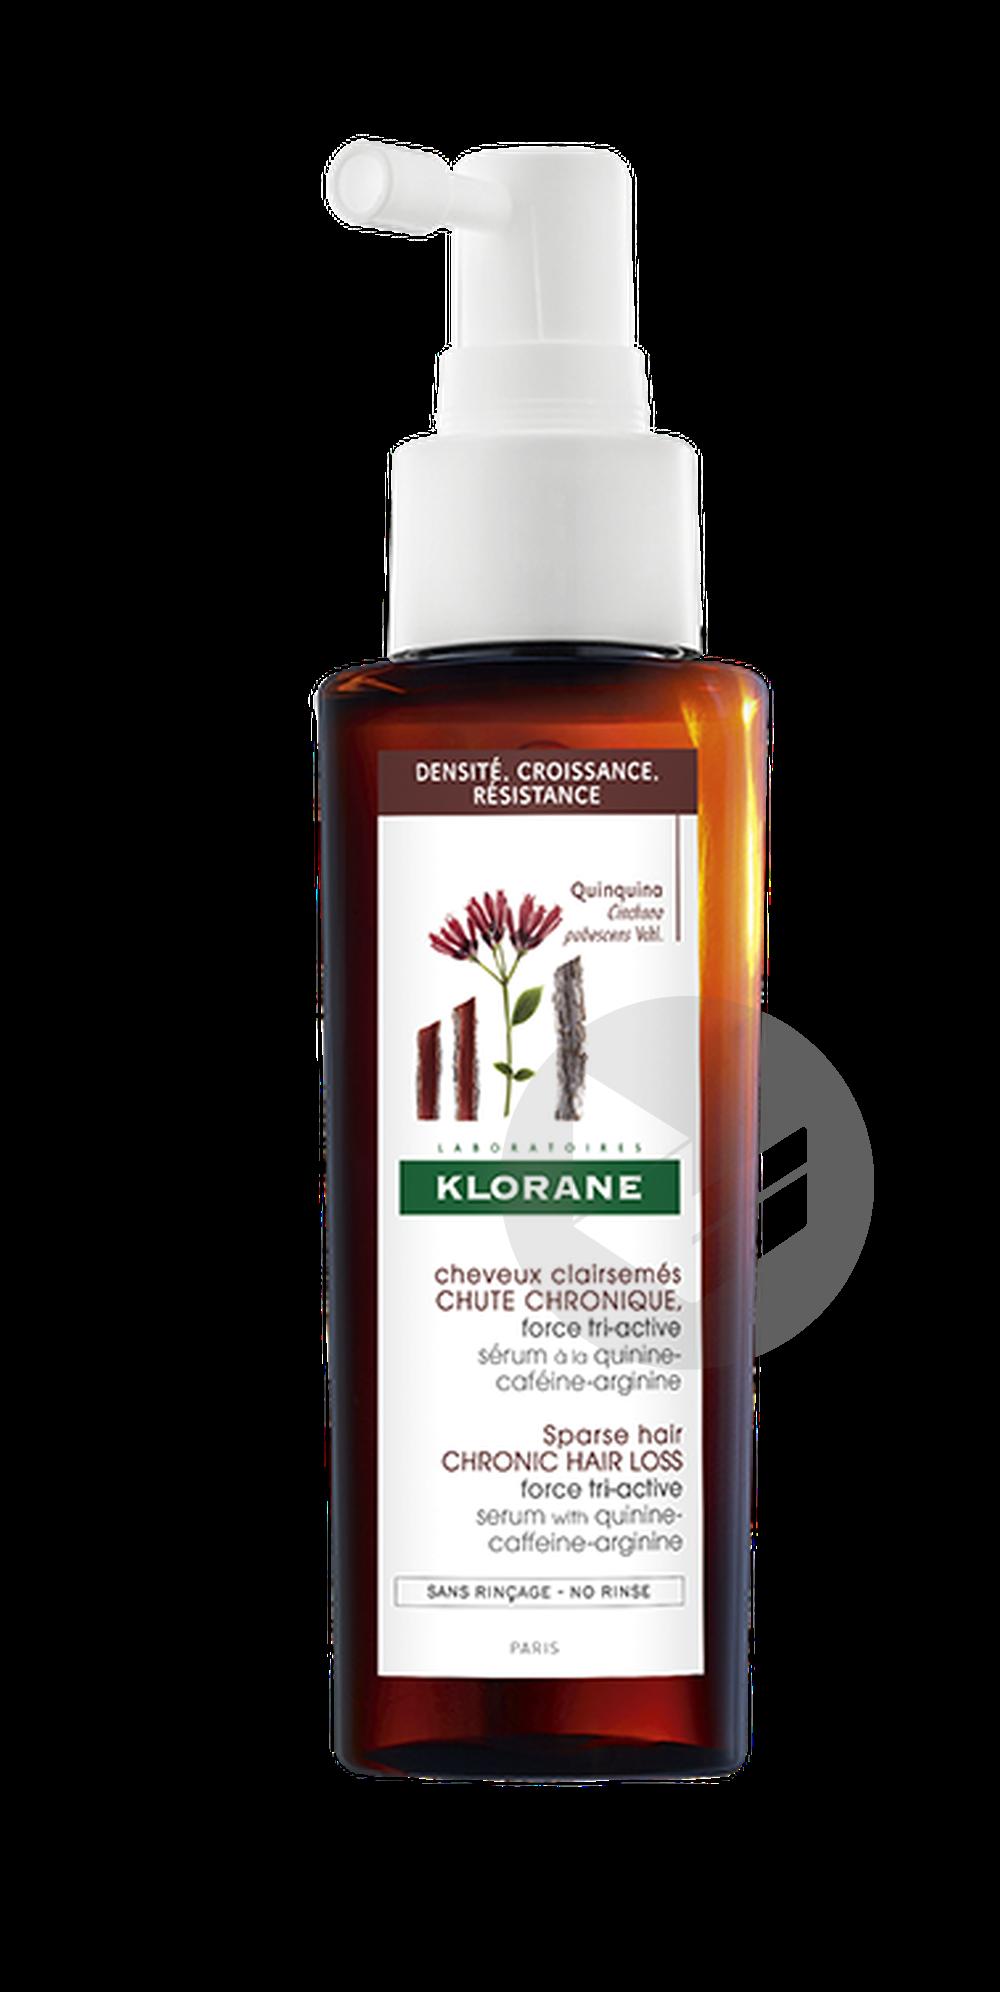 Quinine KLORANE